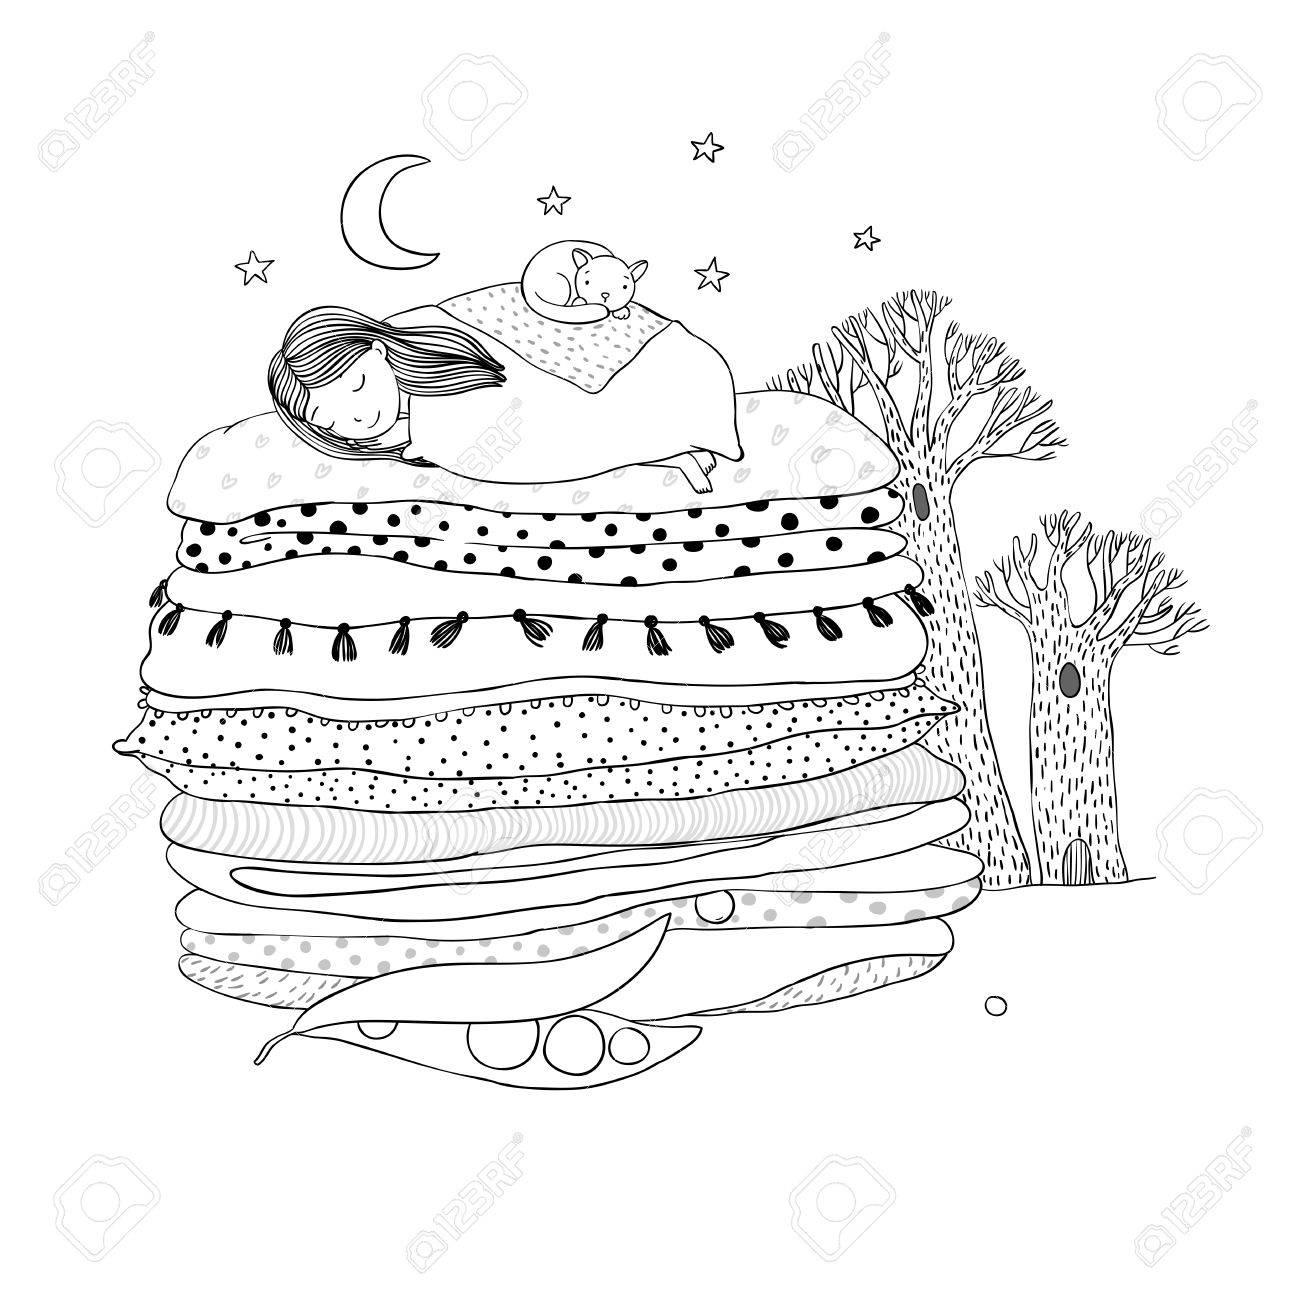 Princesse Au Petit Pois Les Couvertures Et Les Oreillers Dessin à La Main Des Objets Sur Fond Blanc Isolé Vector Illustration Livre De Coloriage